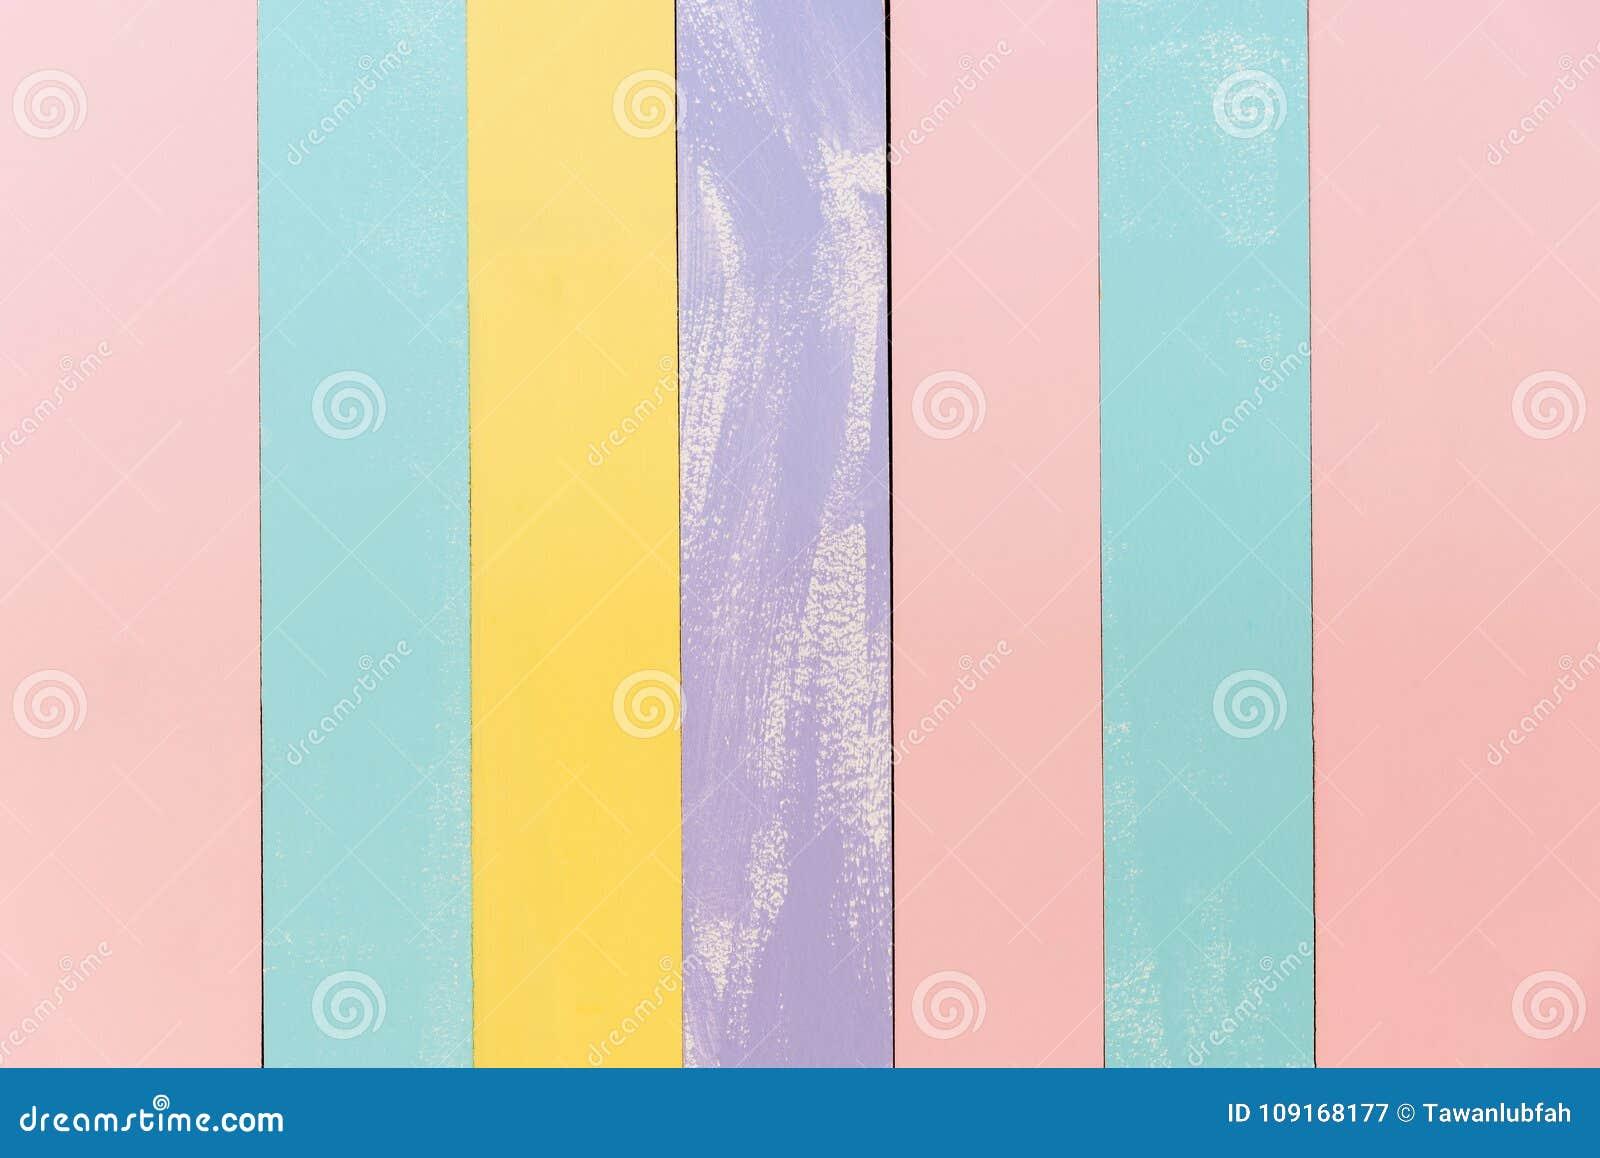 Wood bakgrundstextur för gammal tappning, söt pastellfärgad träväggte